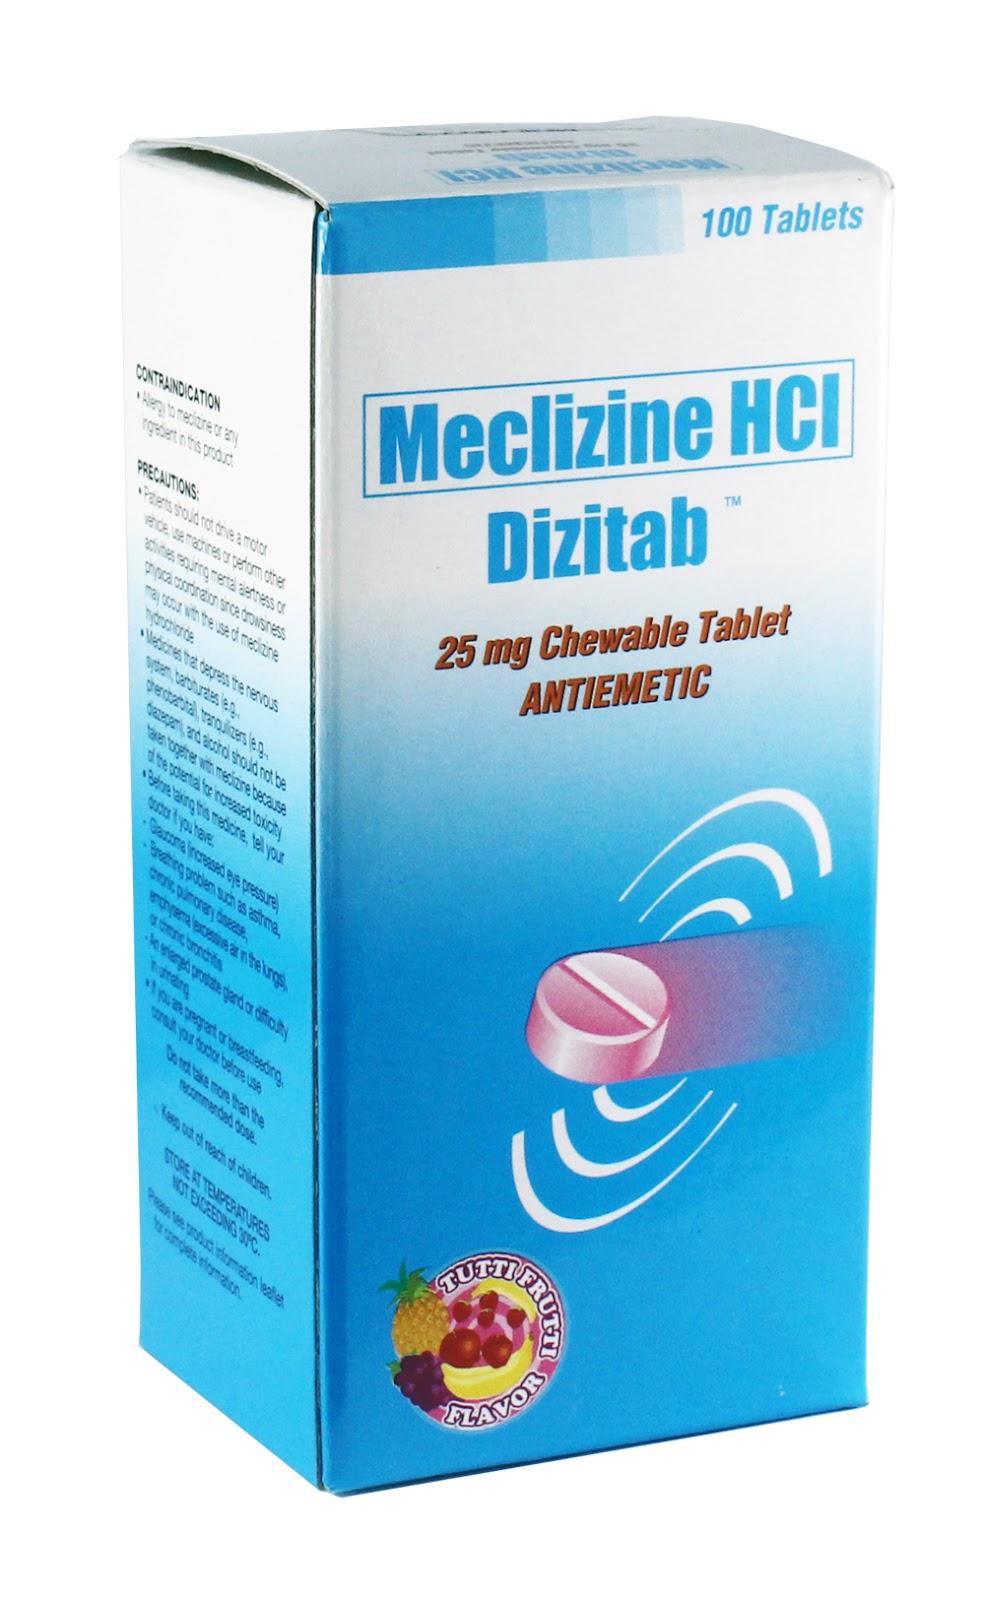 Dizitab (Mecliczine HCl)